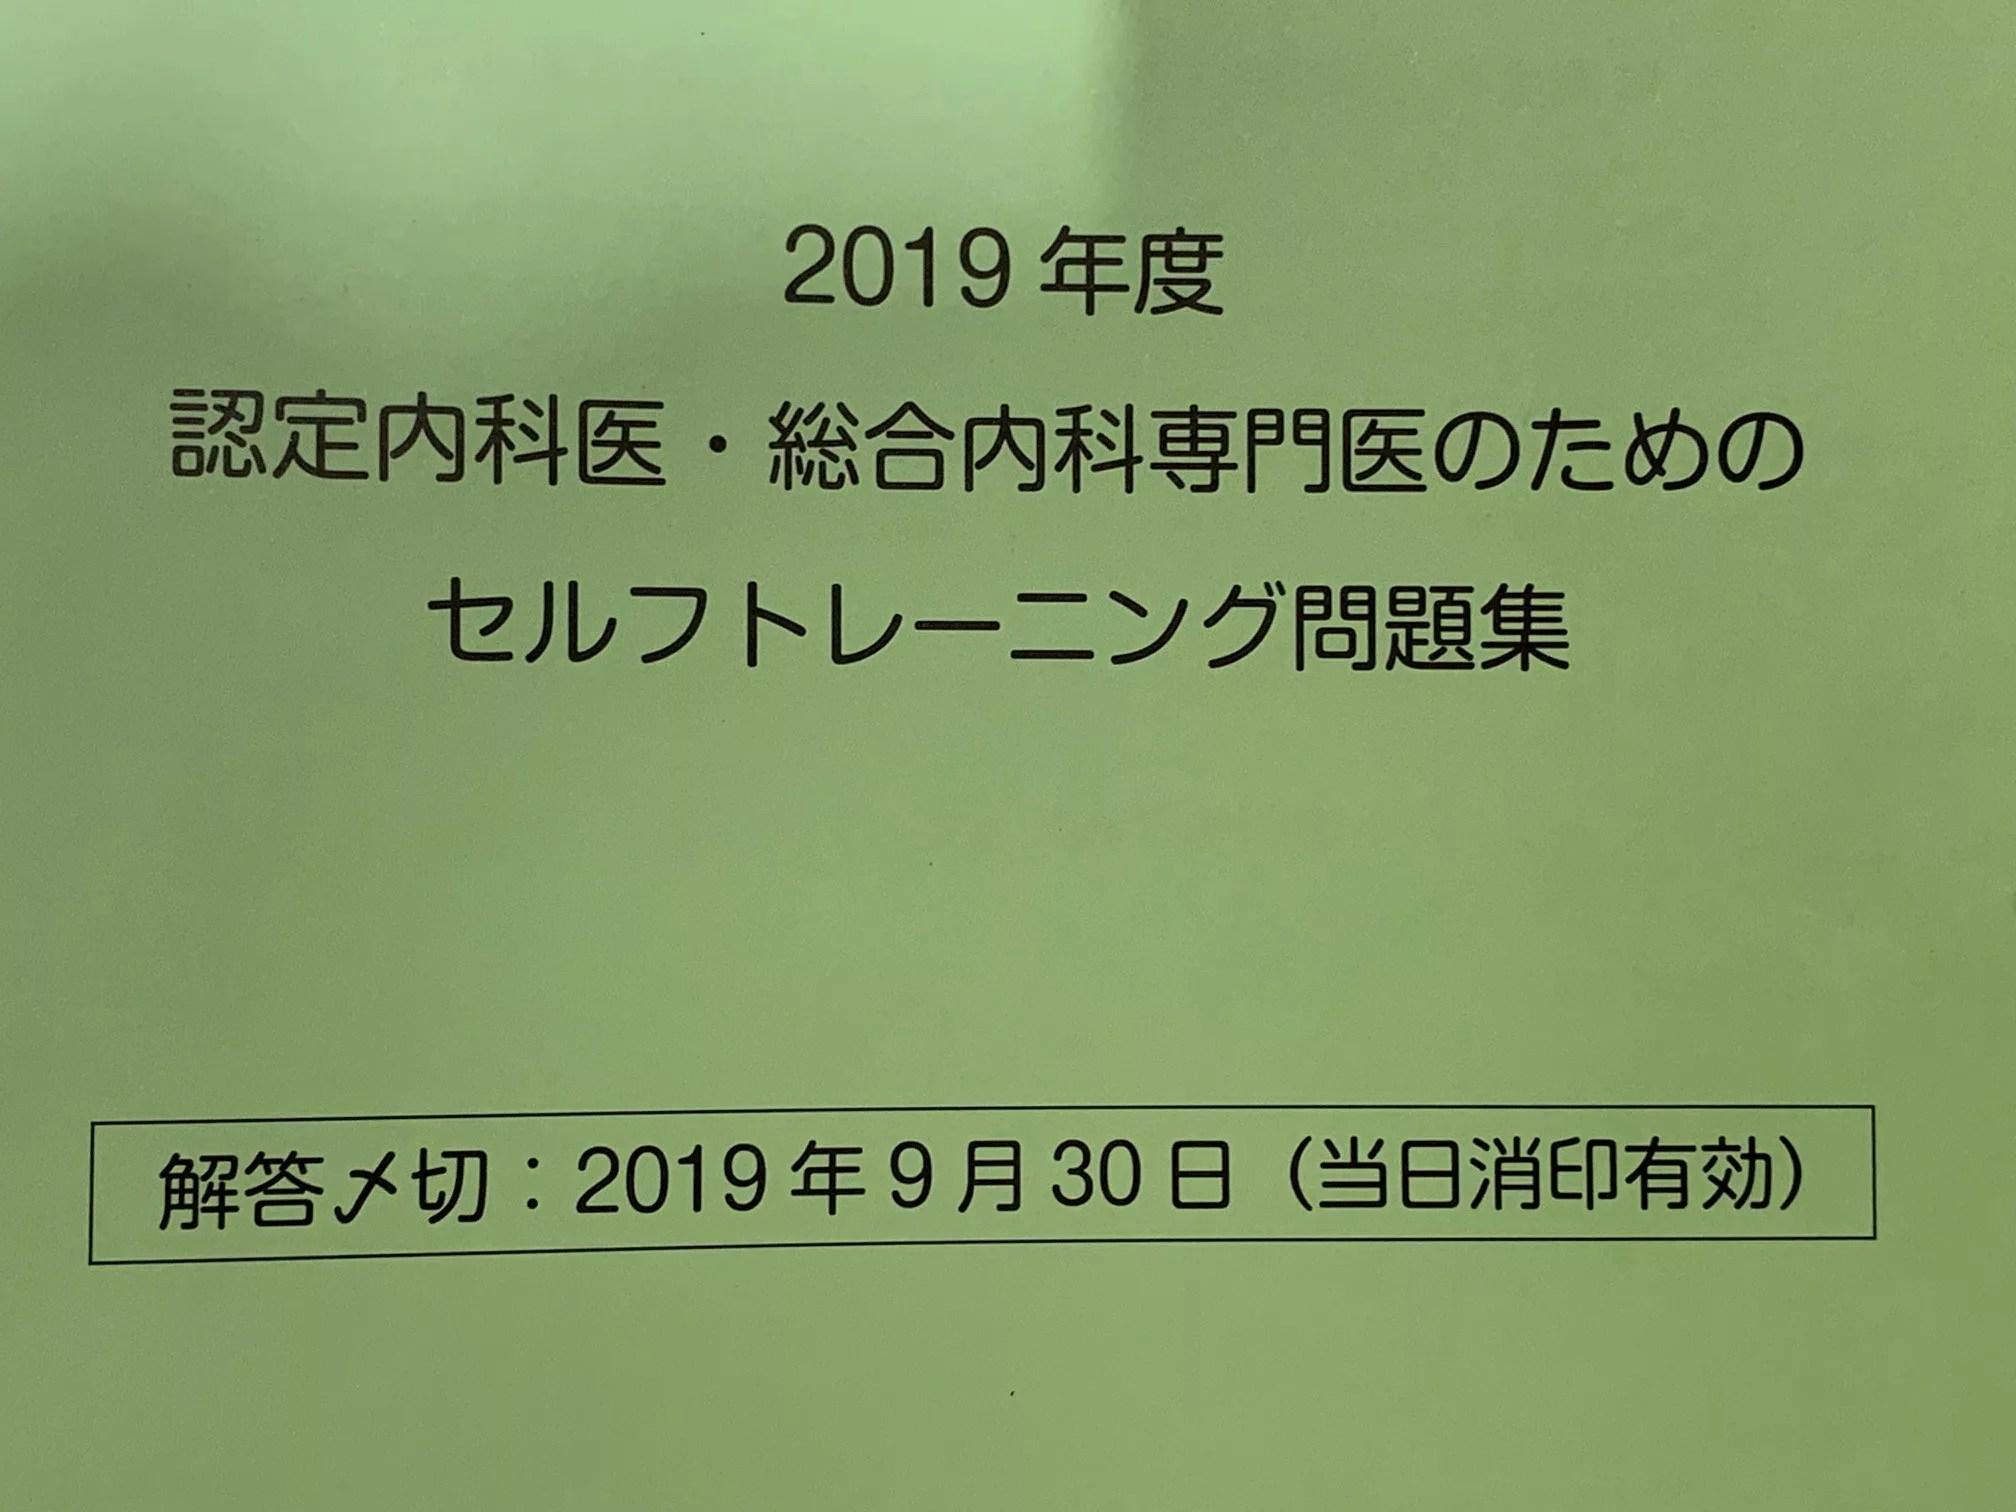 日本内科学会2019年度セルフトレーニング問題のポイントと解答